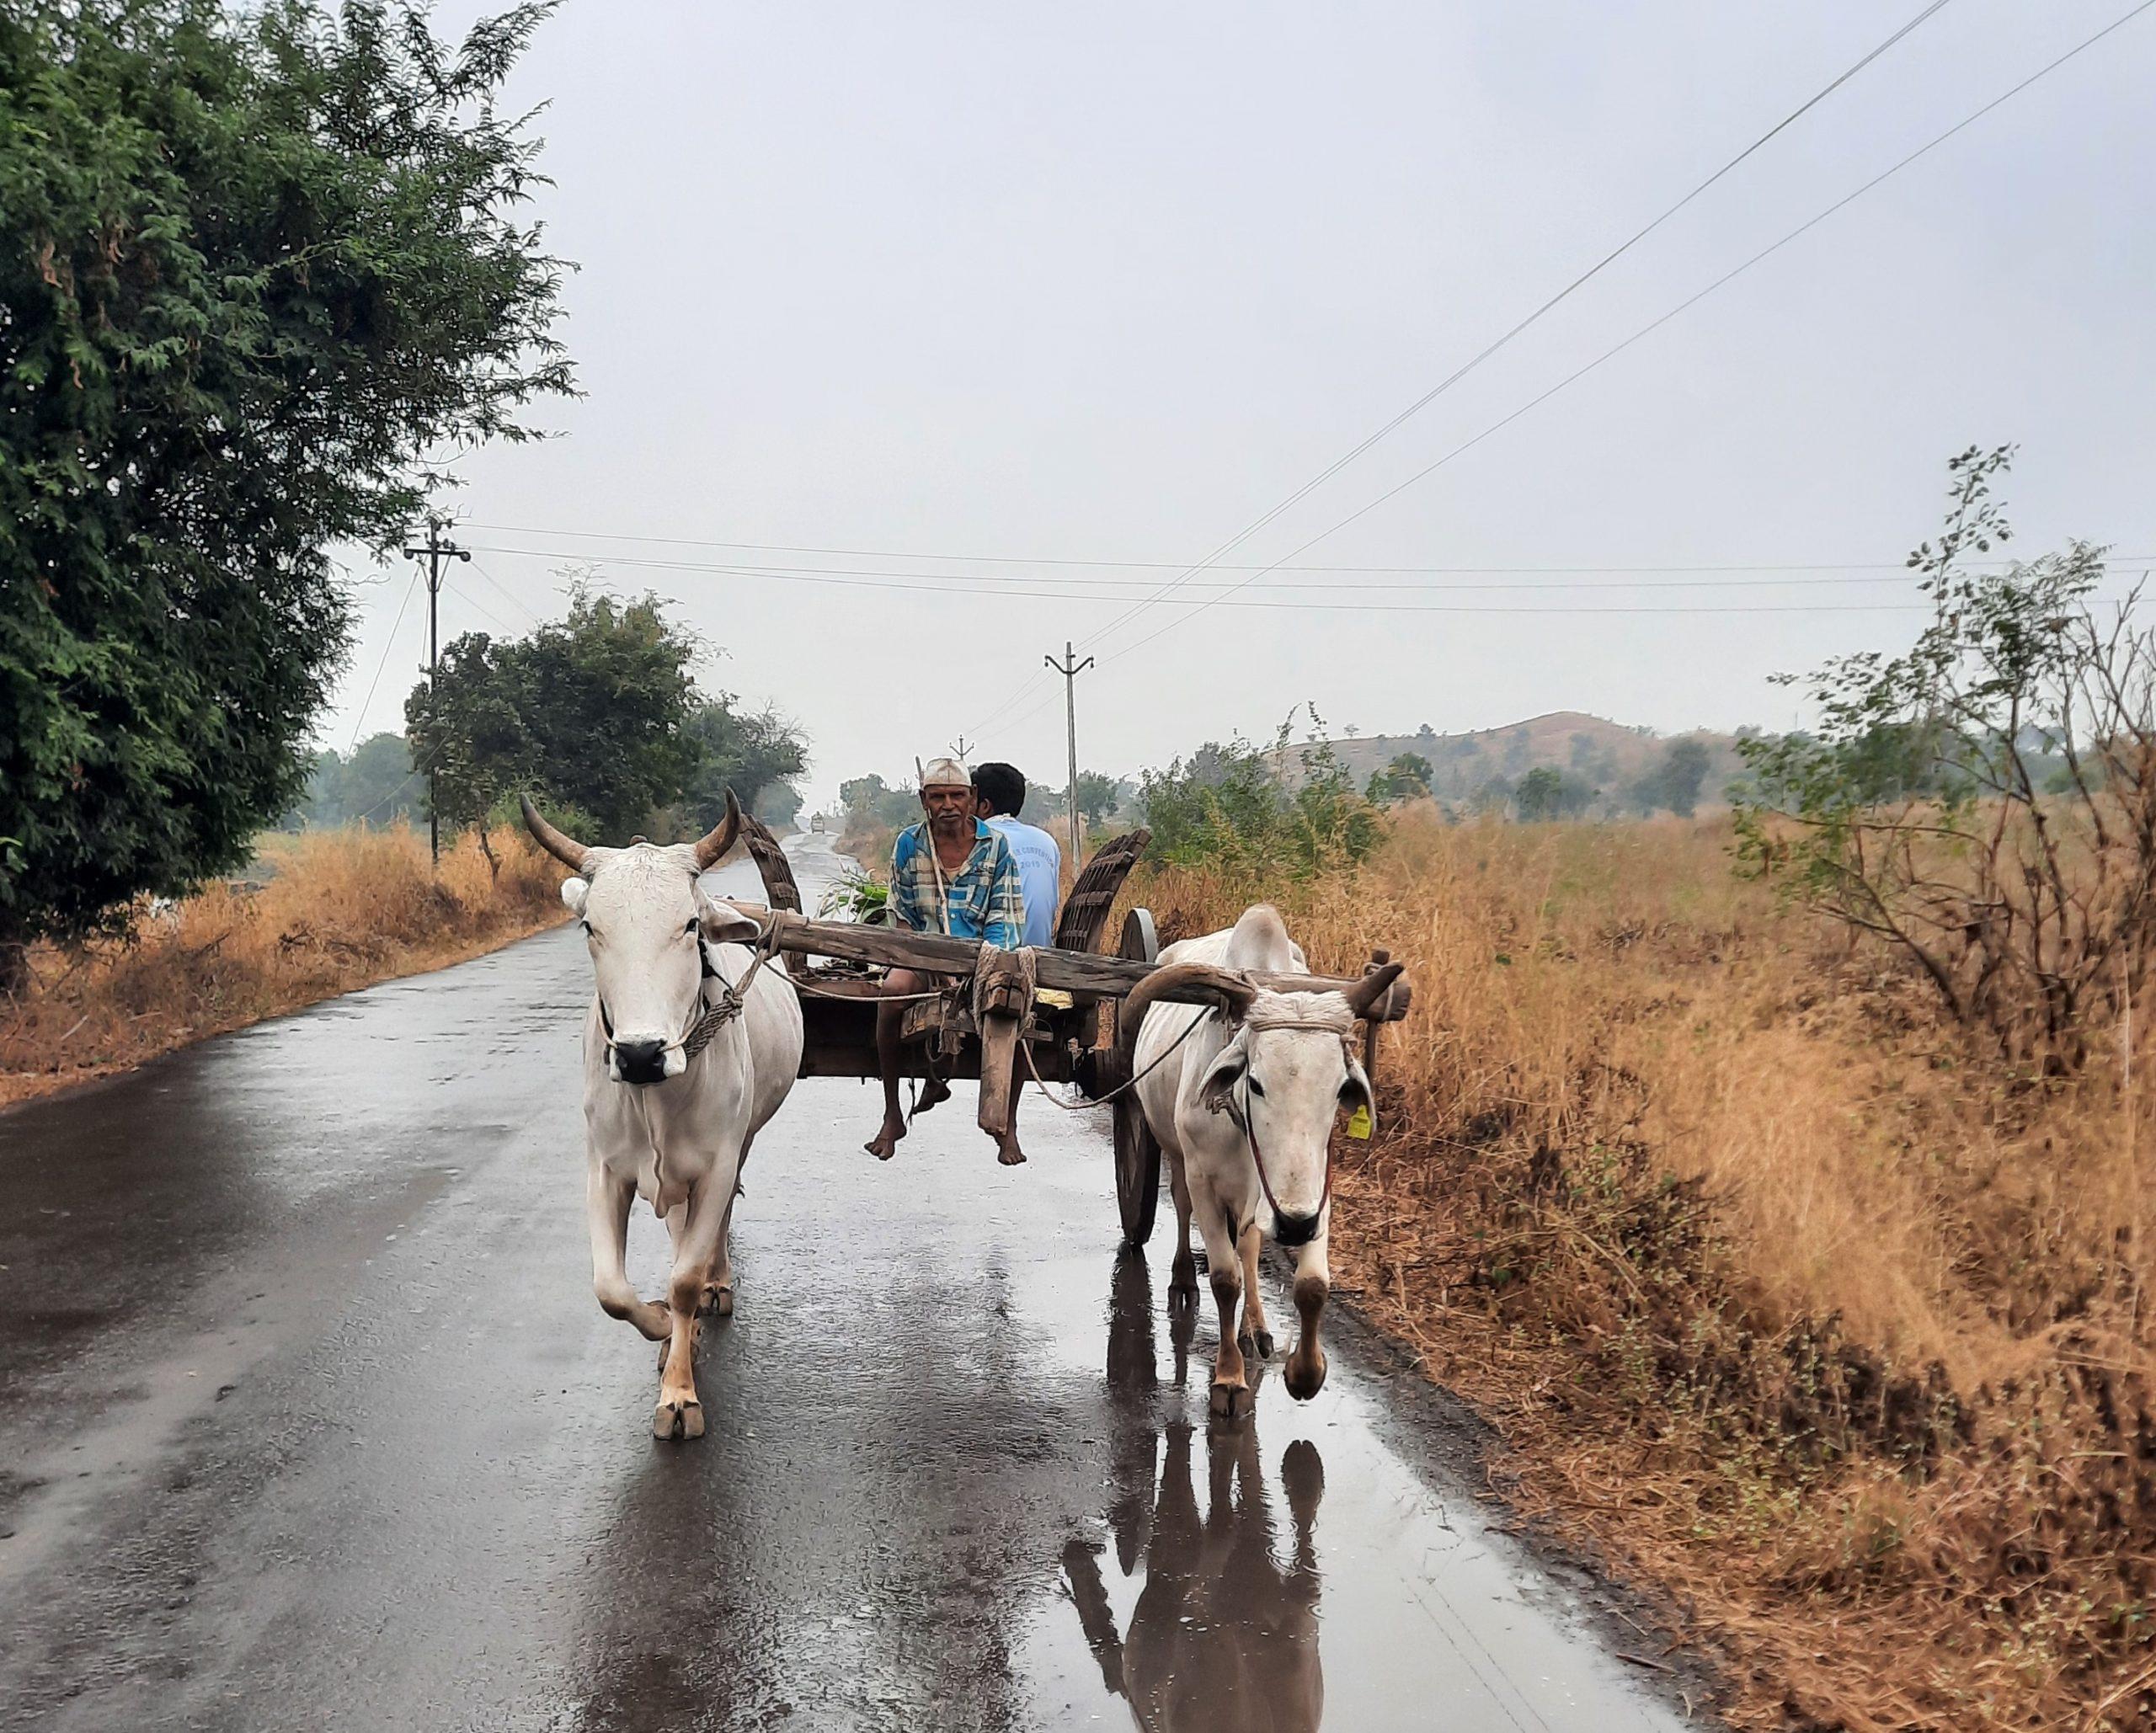 A bullock cart